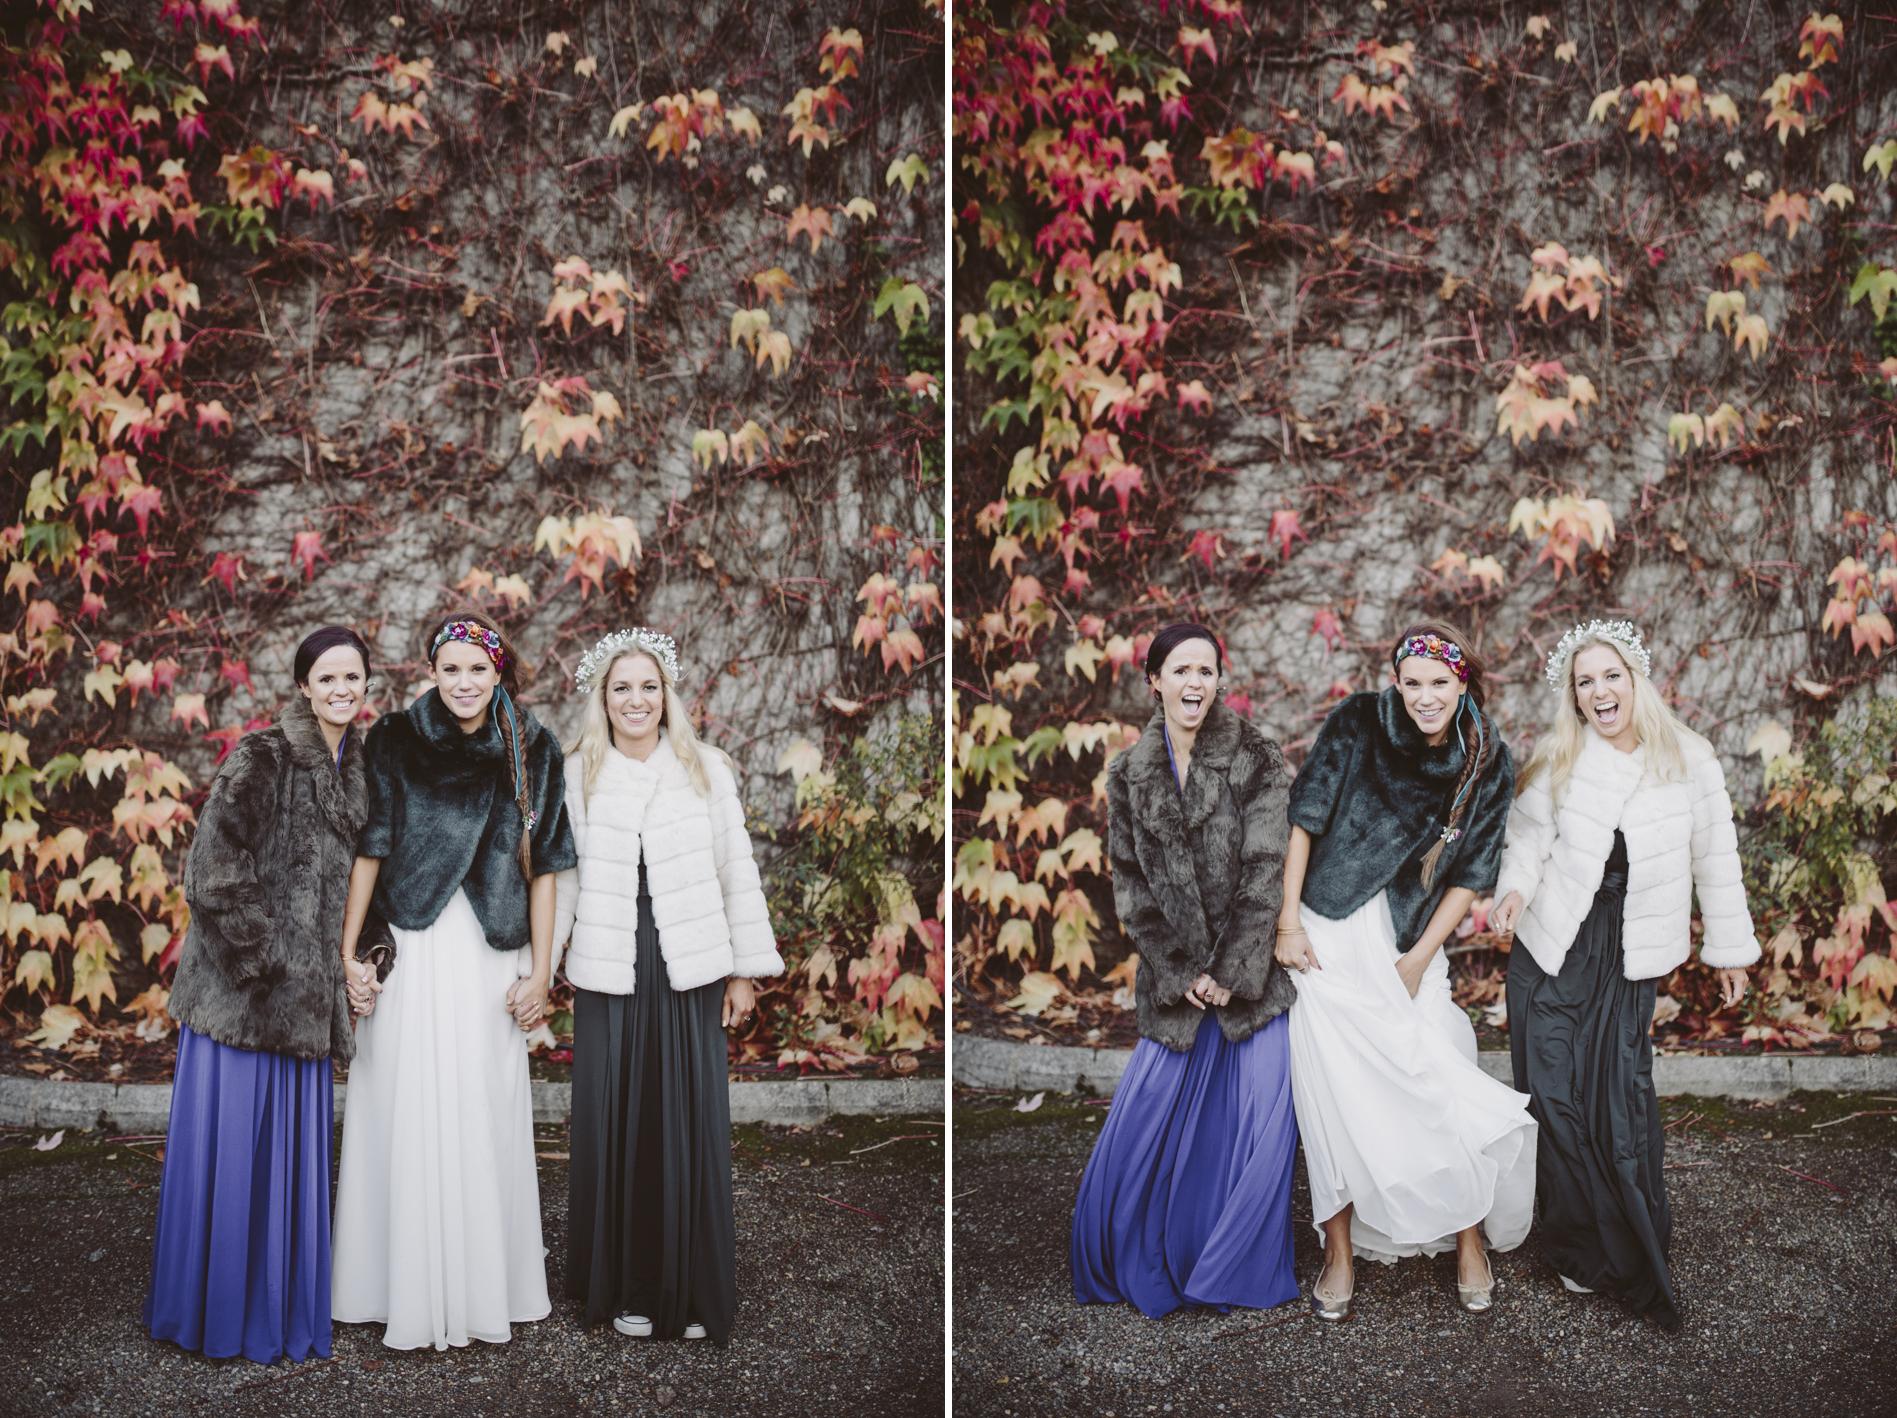 Wedding photographer Ireland Graciela Vilagudin 860.jpg